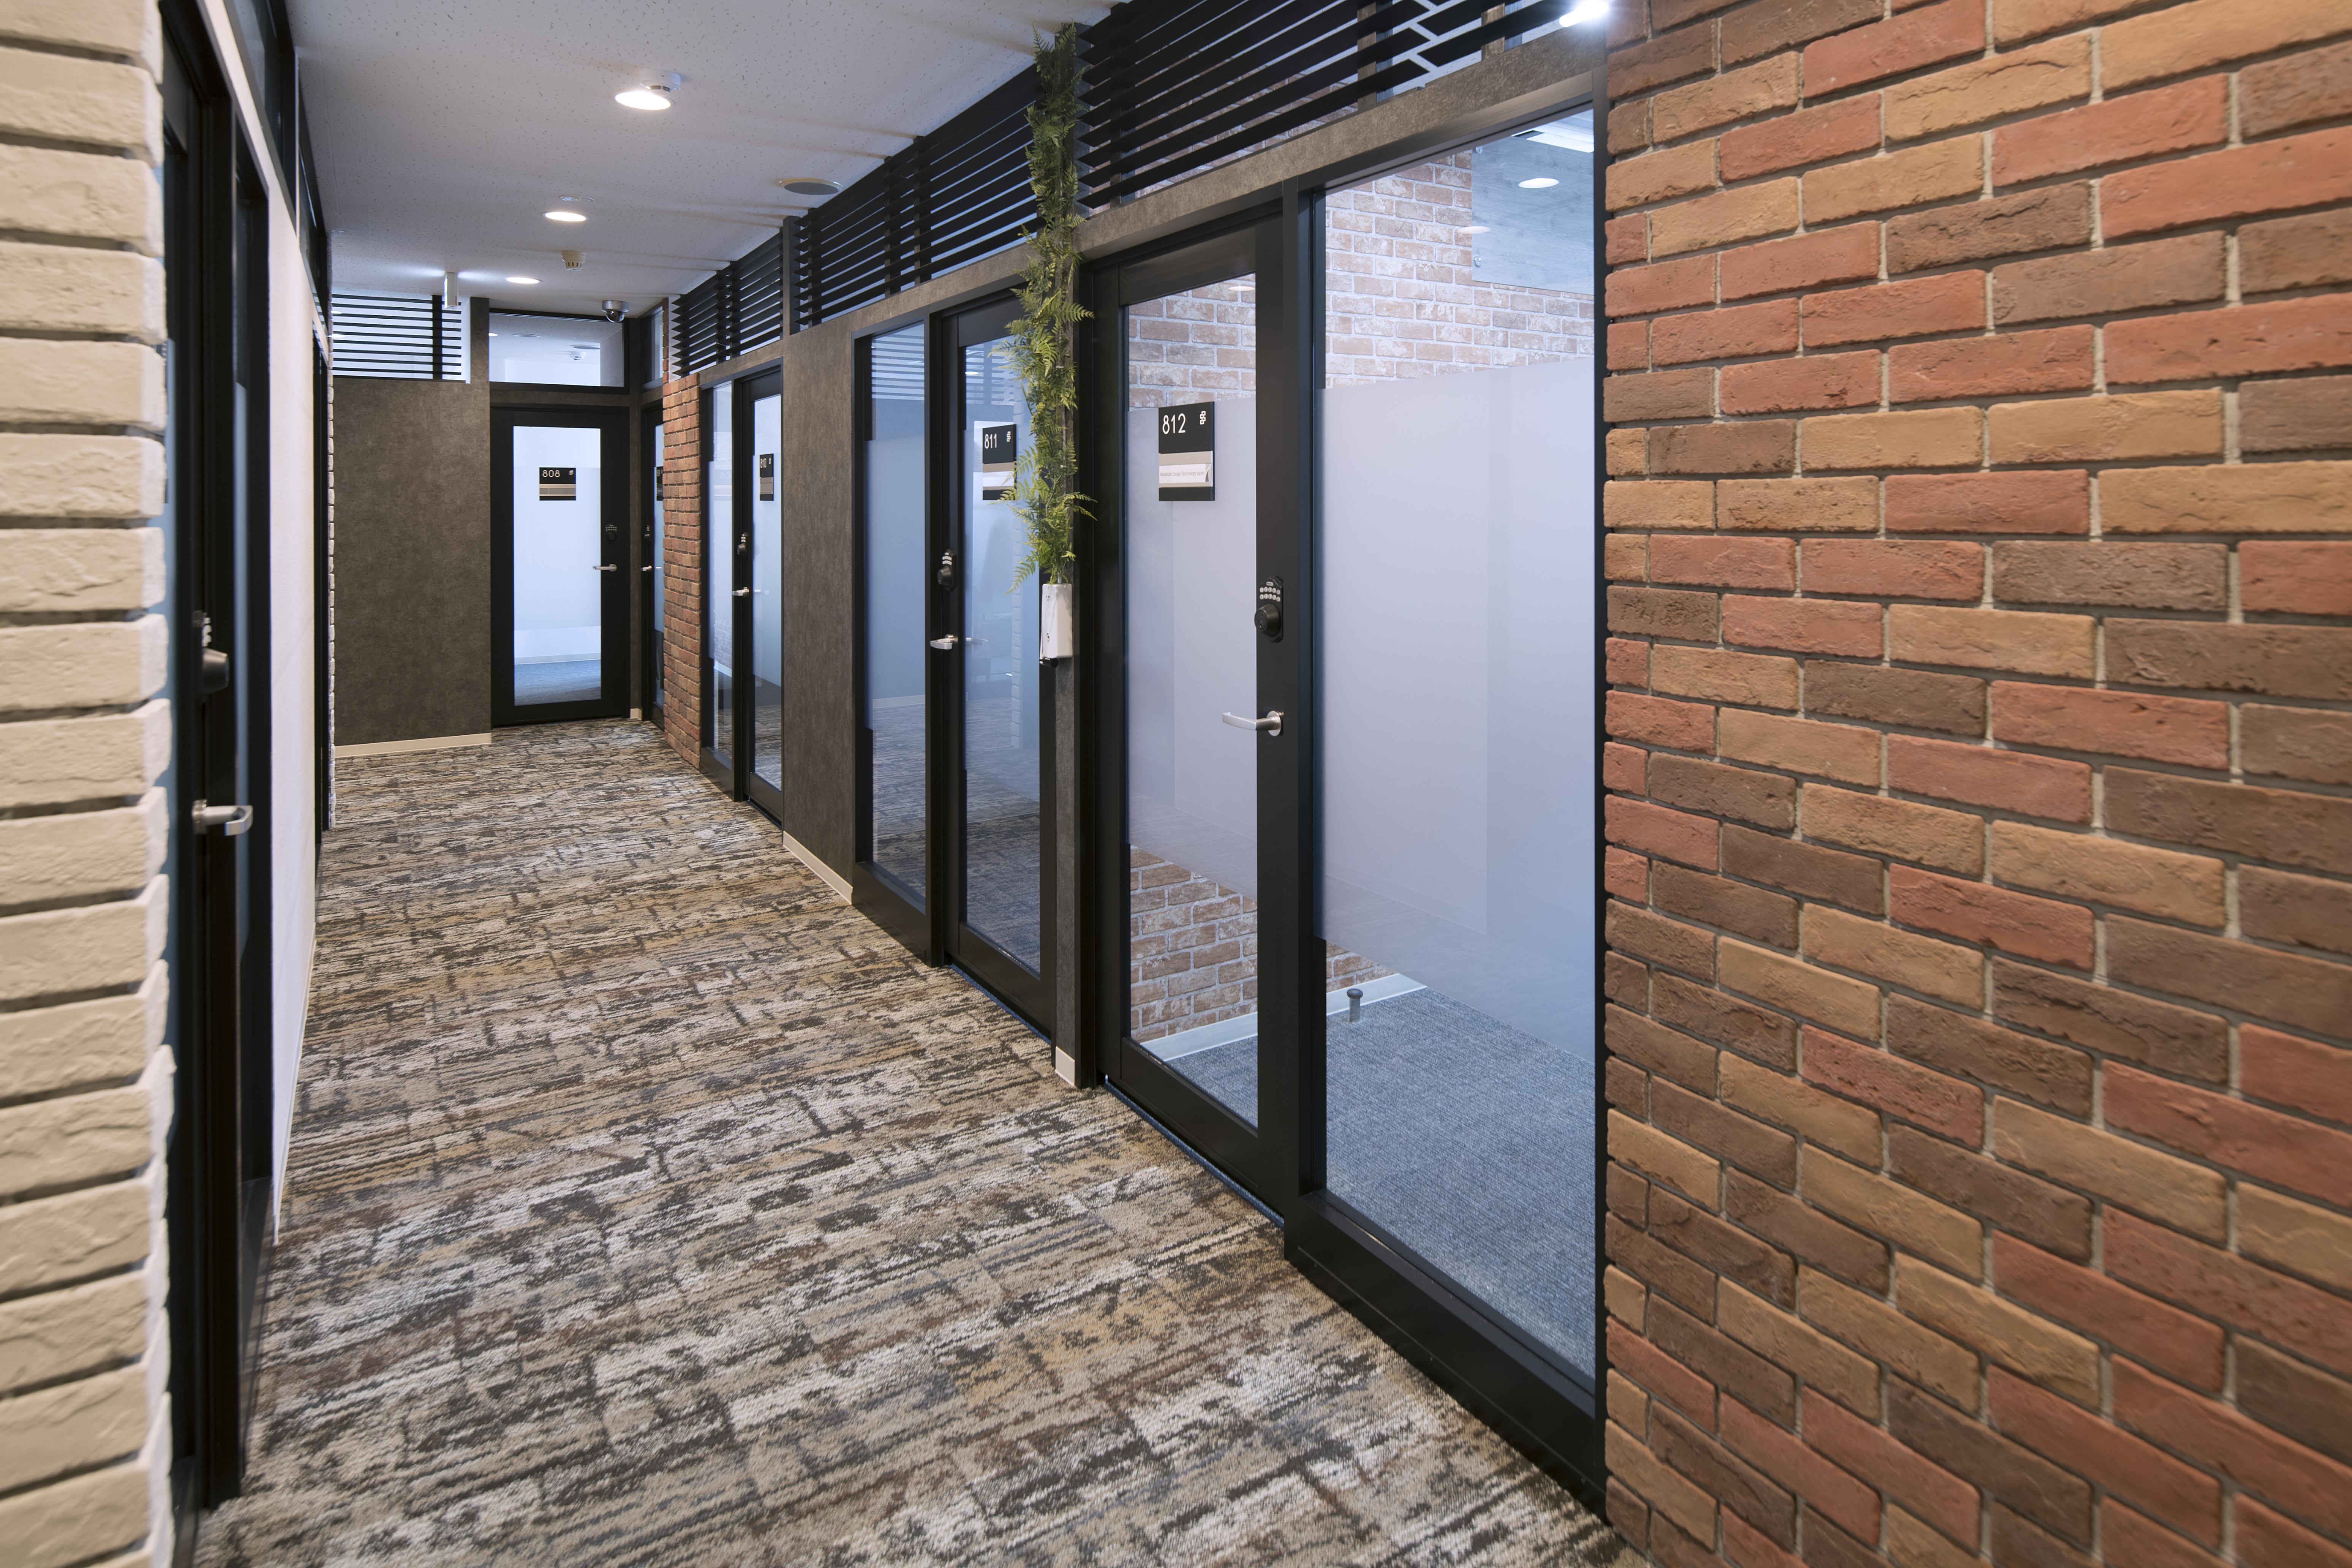 シェアオフィス・コワーキングスペースにおけるスマートロック活用セミナー【実例見学会あり】